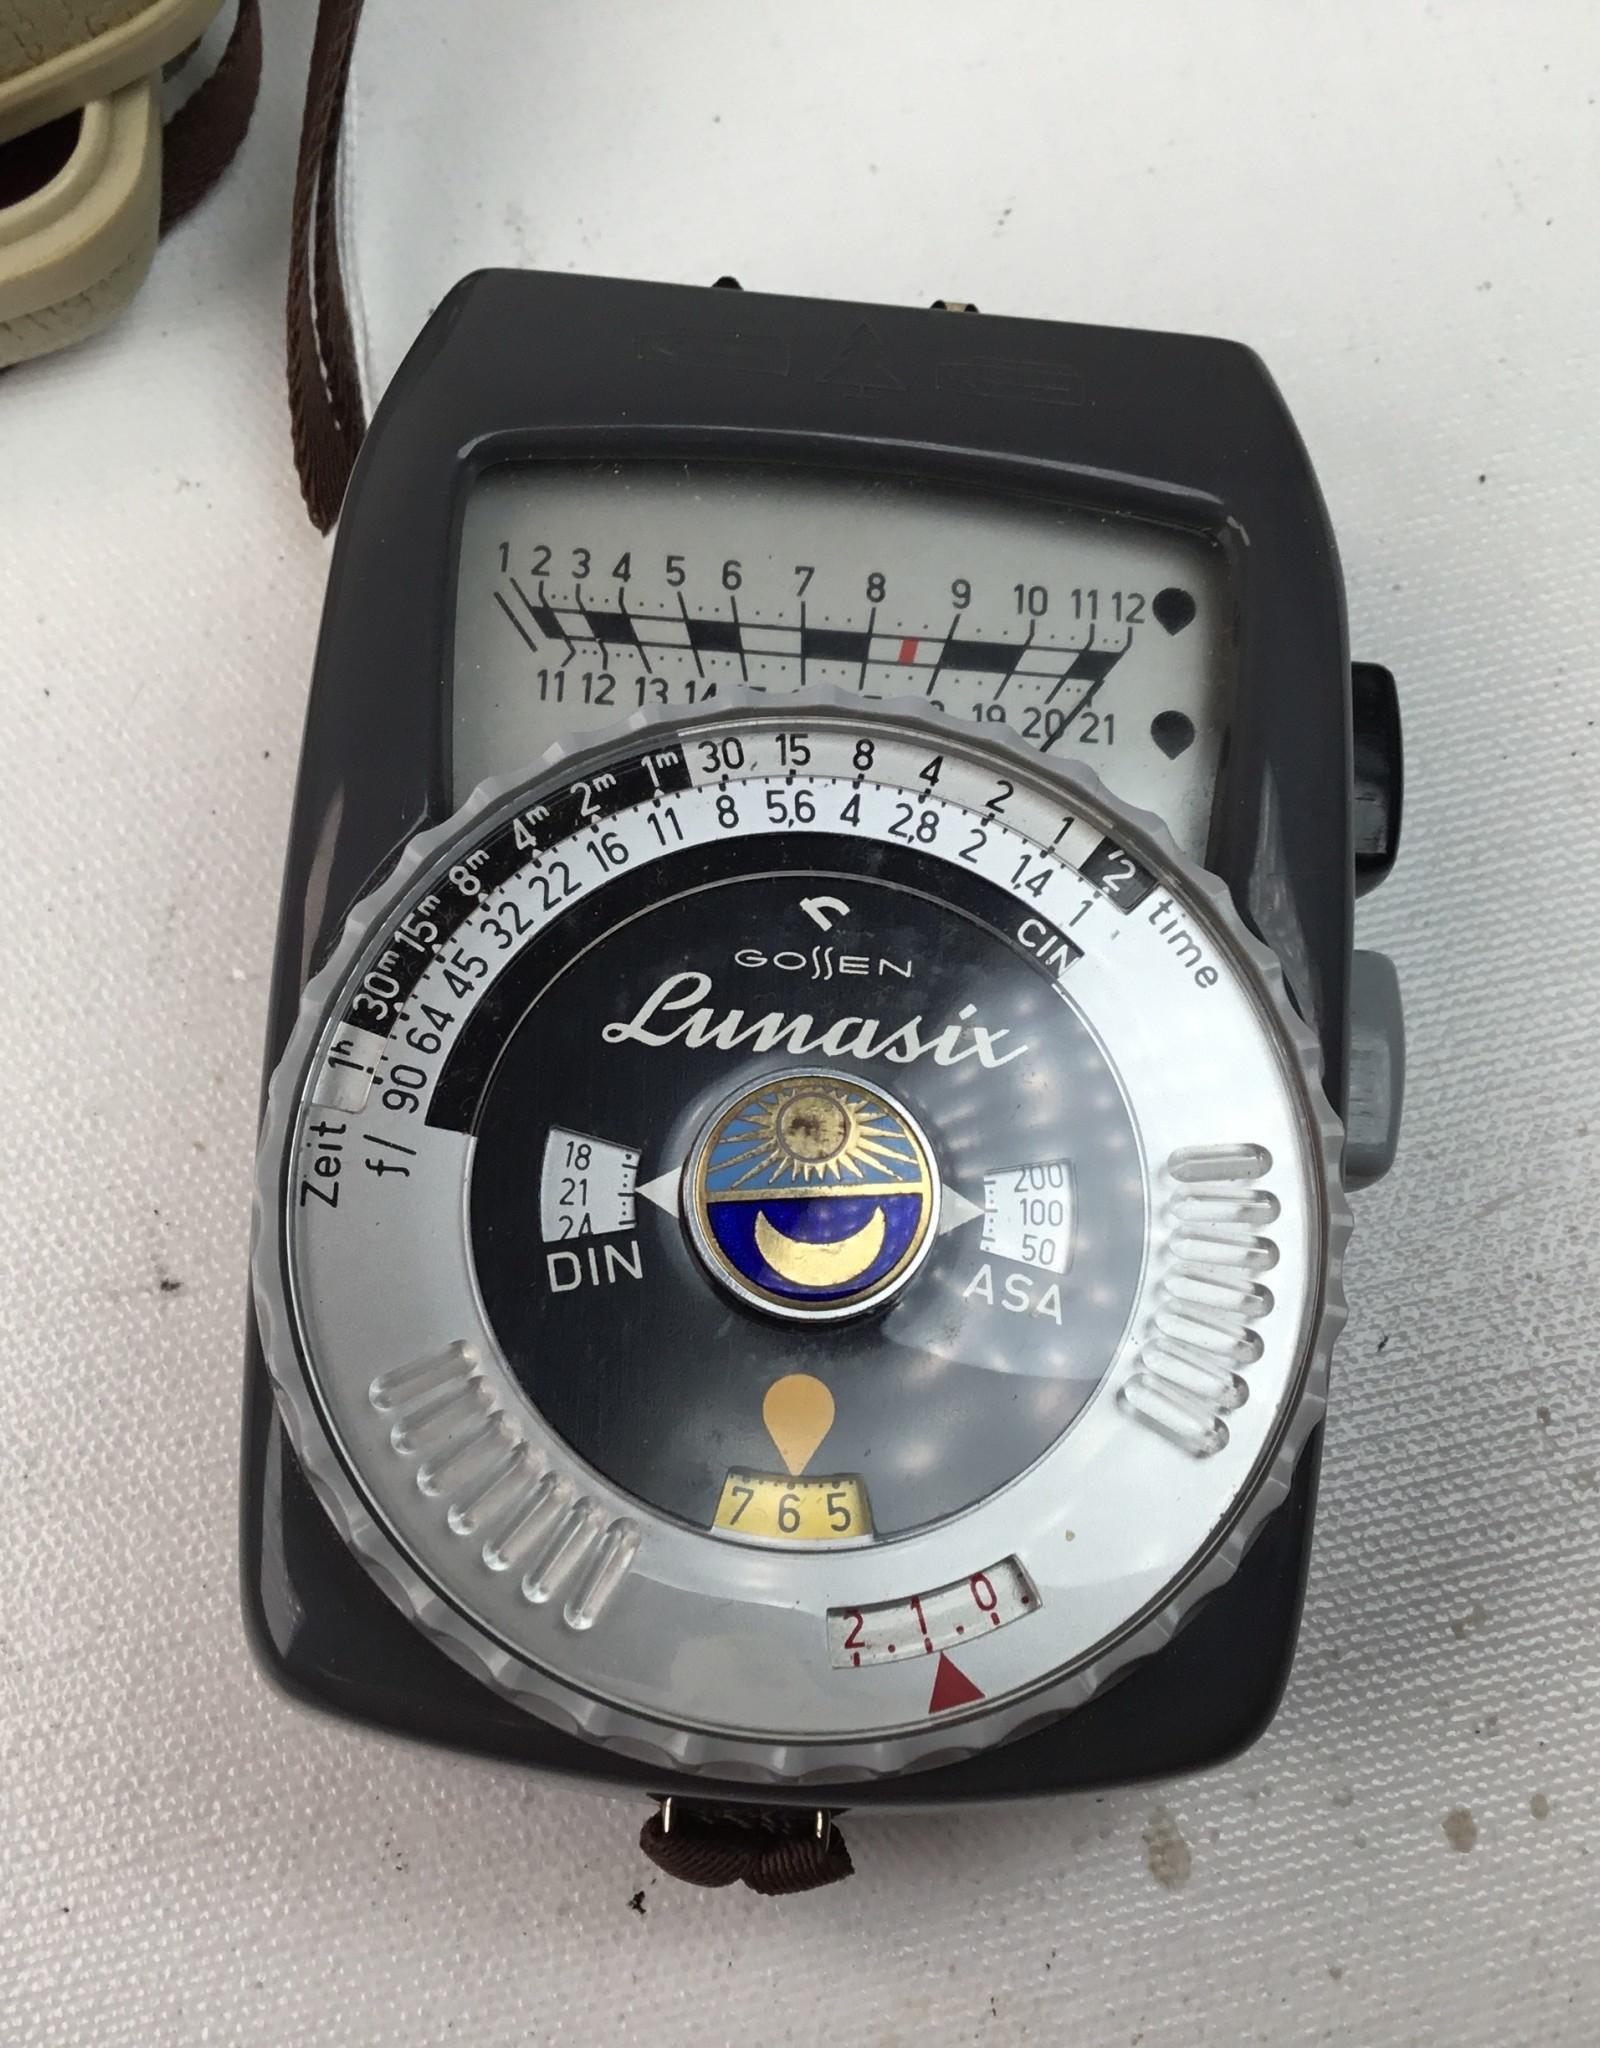 Gossen Gossen Lunasix Light Meeter Used EX